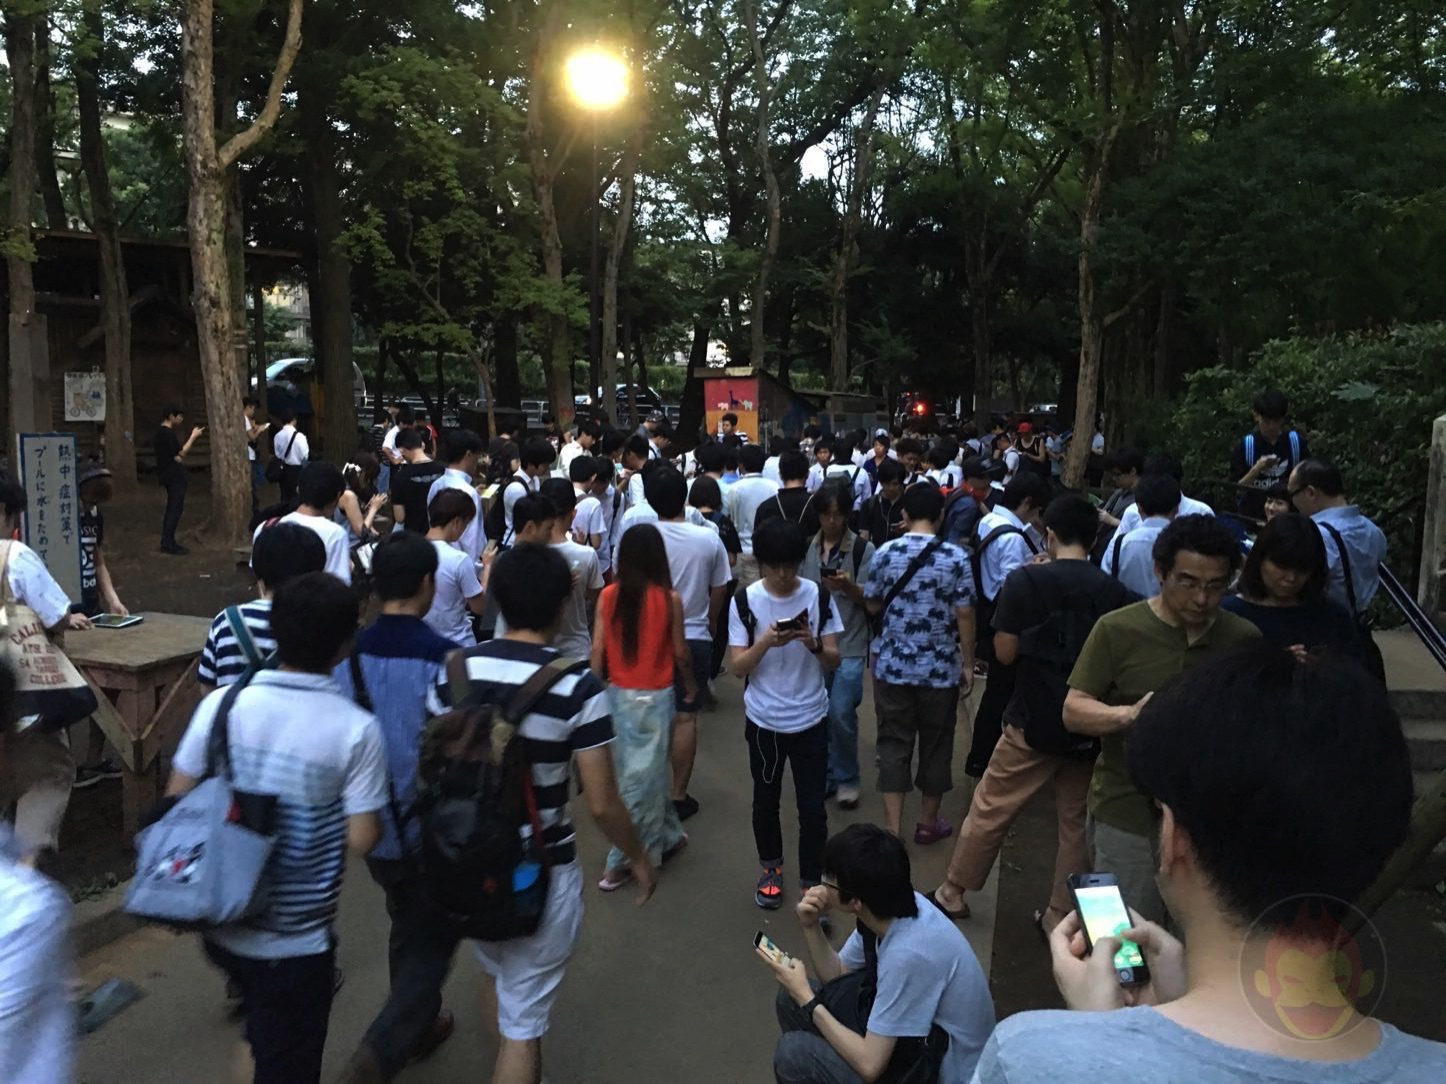 世田谷公園がポケモンGOであふれていた